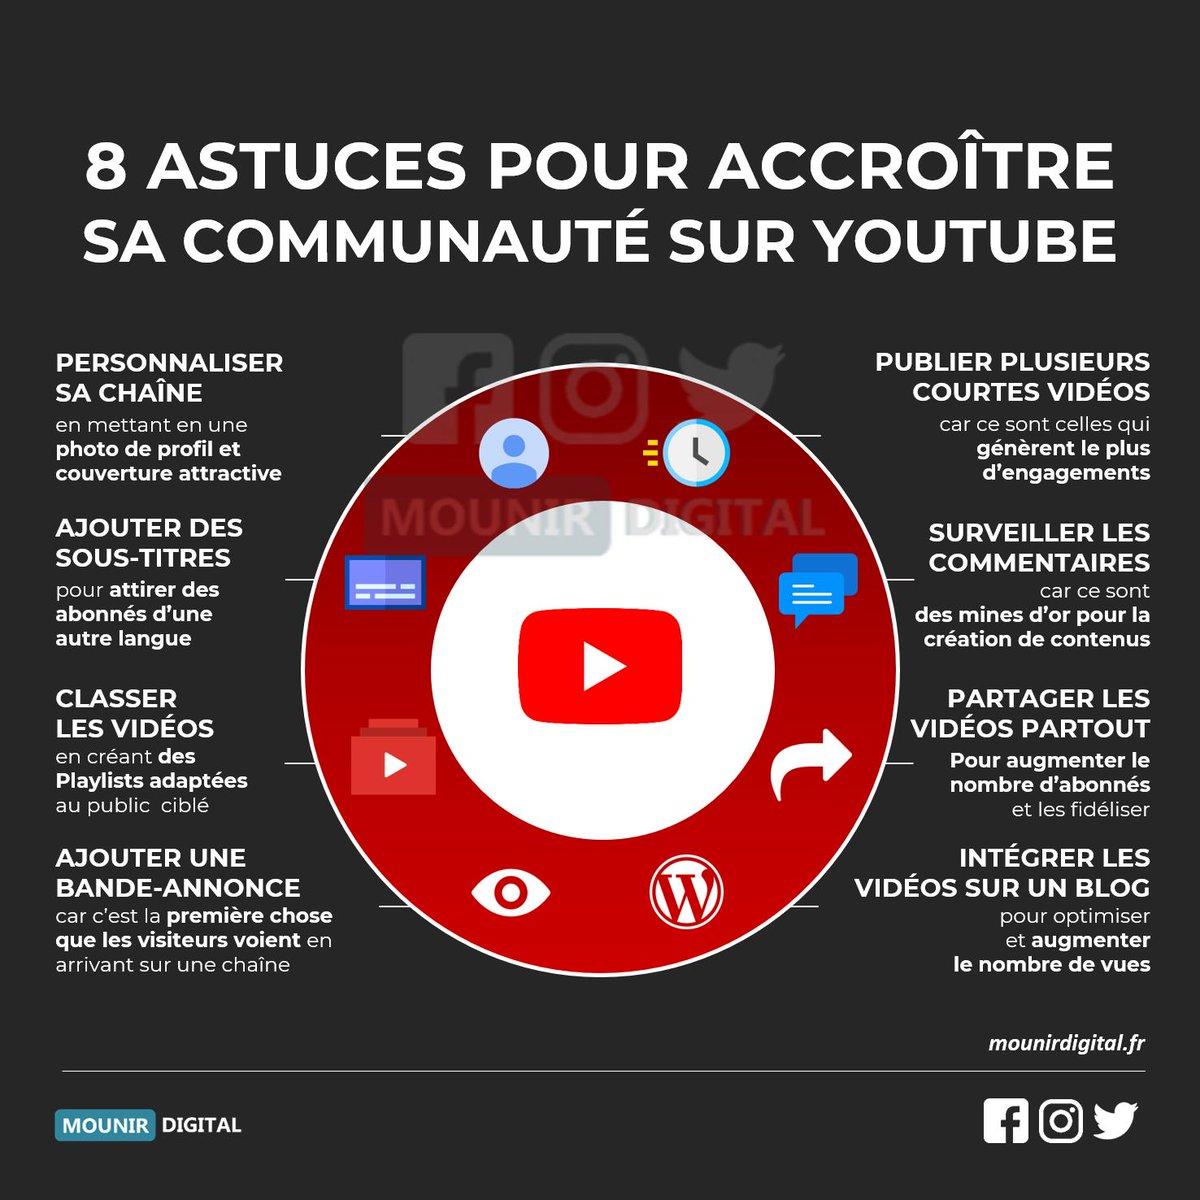 """Mounir Digital 💻 on Twitter: """"🆕️ Nouveau jour , nouvelle #Infographie ✍  👉 8 astuces pour accroître sa communauté sur YouTube 🎞📽  #digitalmarketing #video #marketing #MarketingStrategy #Videos #YouTube…  https://t.co/p4F1tWiuLI"""""""